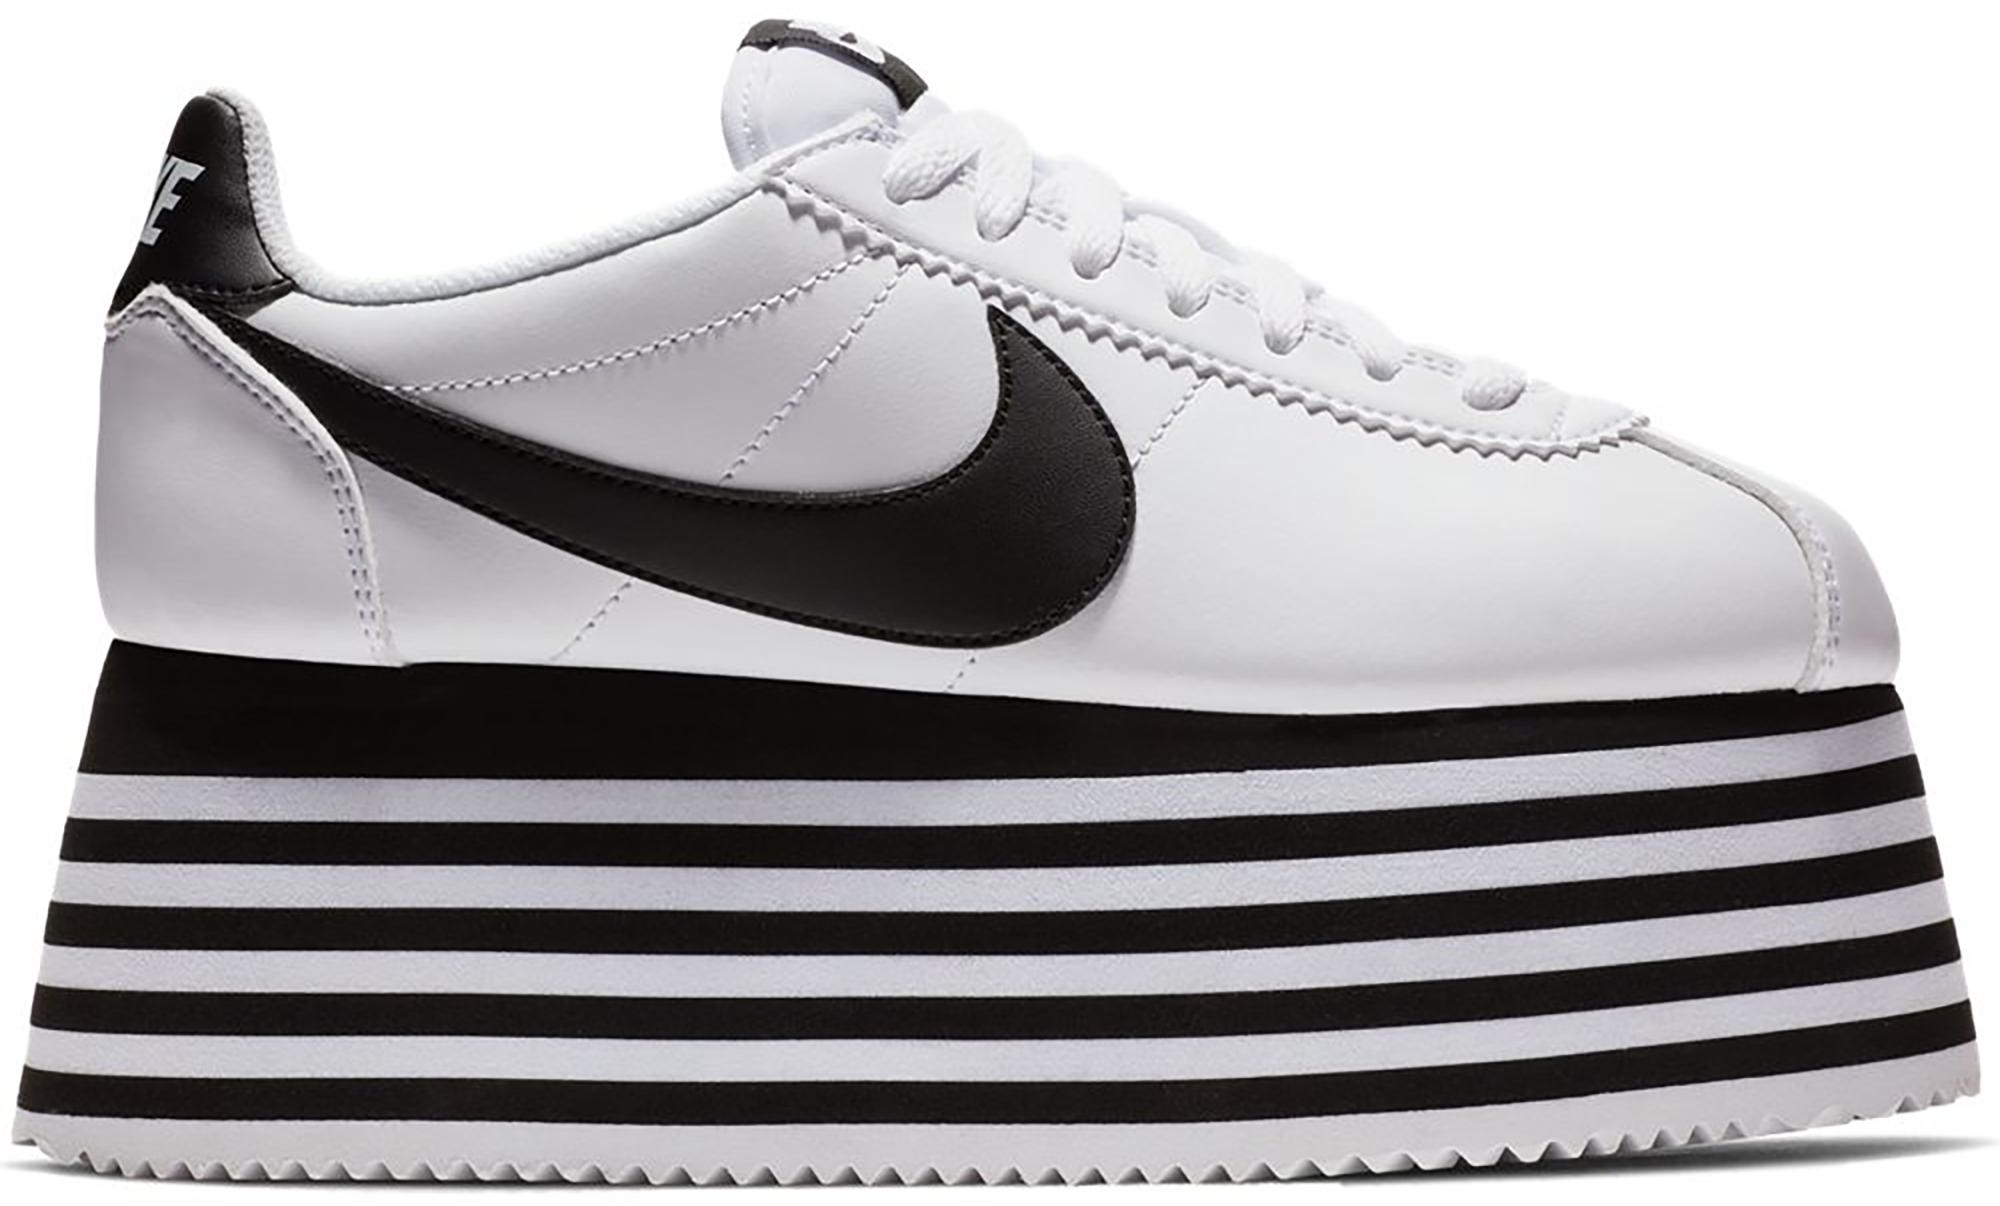 Nike Cortez Platform Comme des Garcons